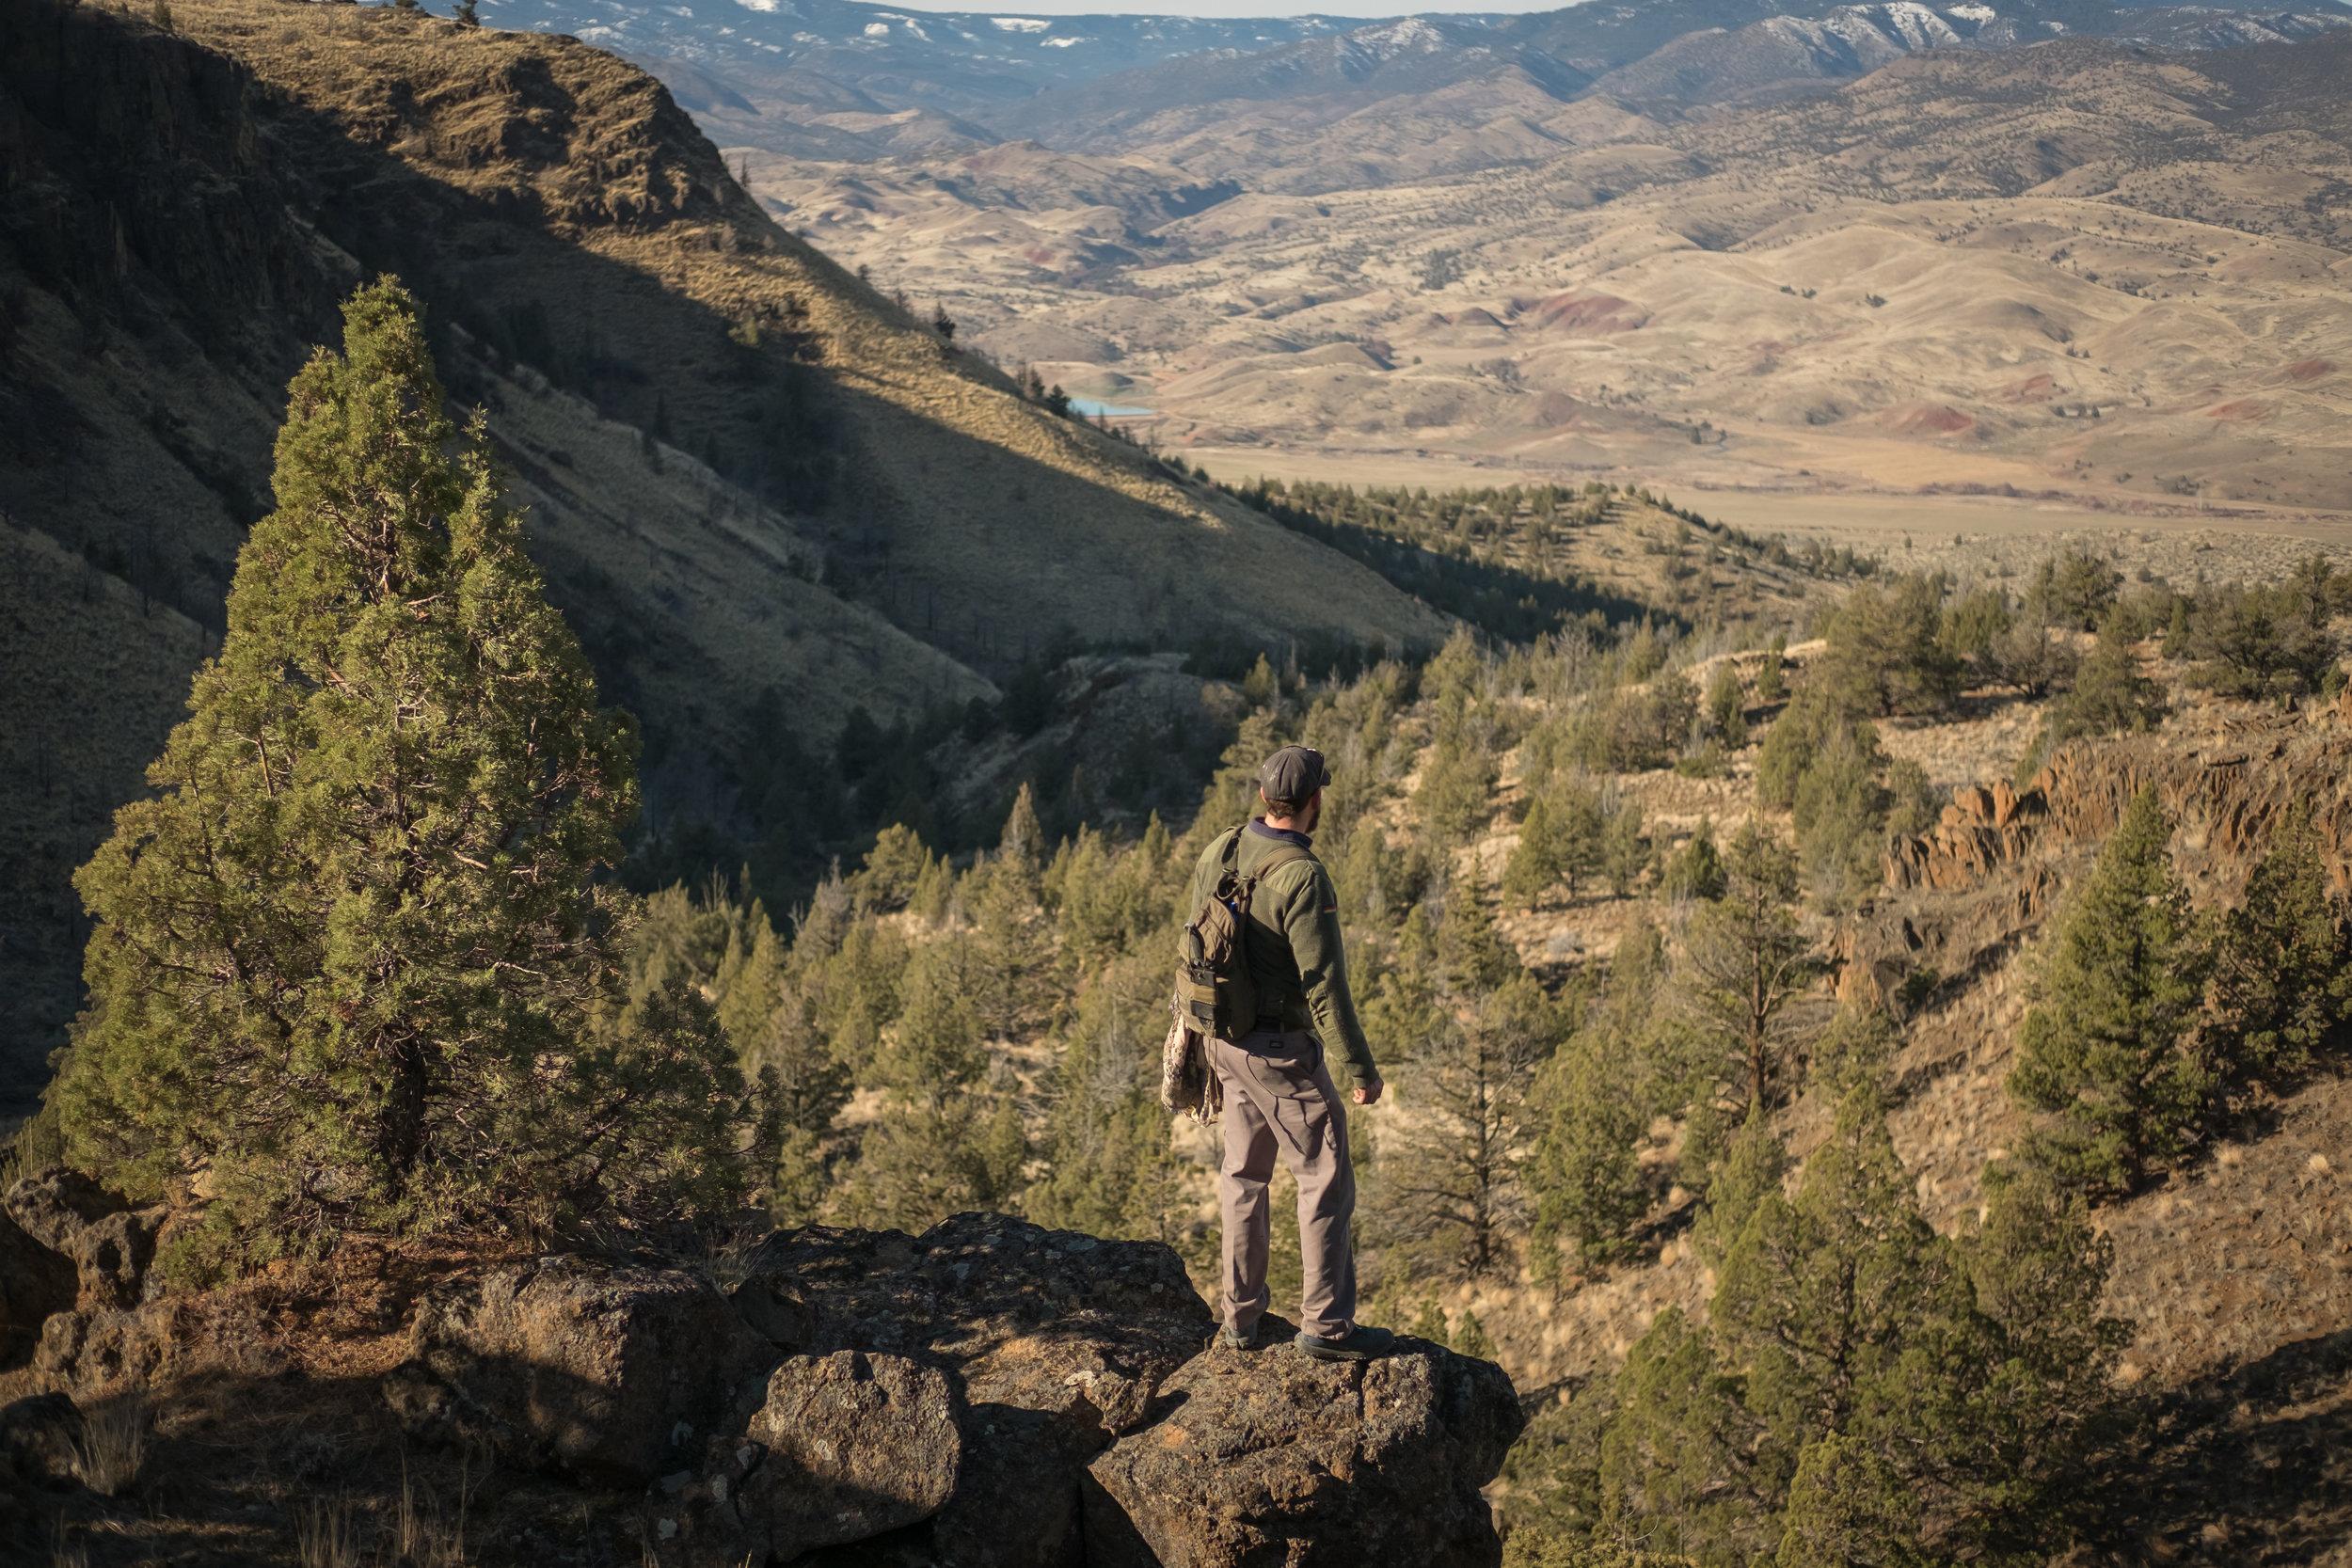 Hike, explore, do more. -